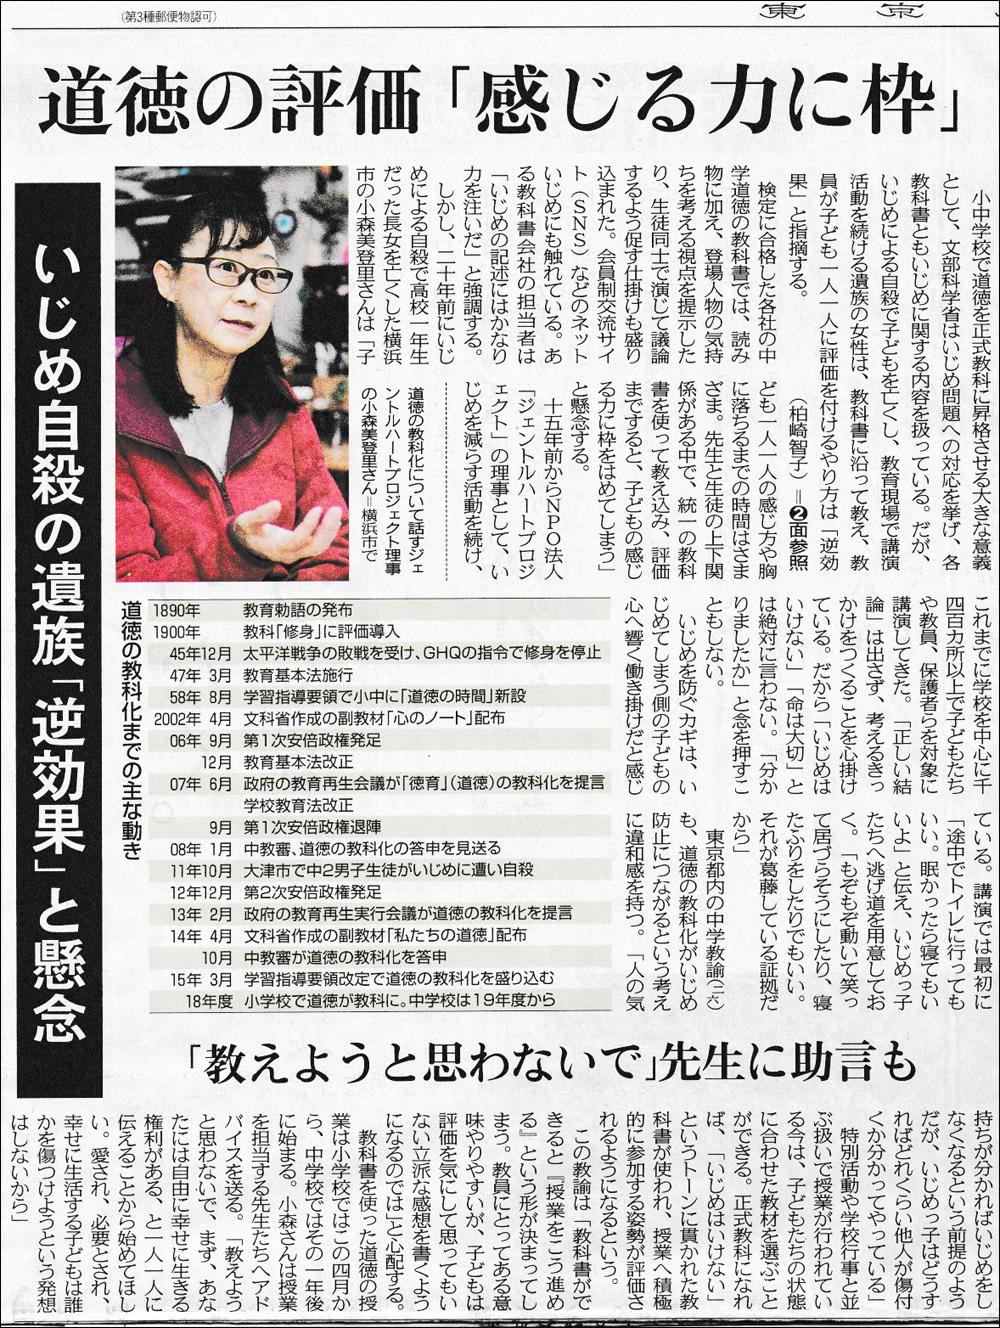 小森美登里:東京新聞、2018年3月28日「道徳の評価『感じる力に枠』 いじめ自殺の遺族『逆効果』と懸念」掲載